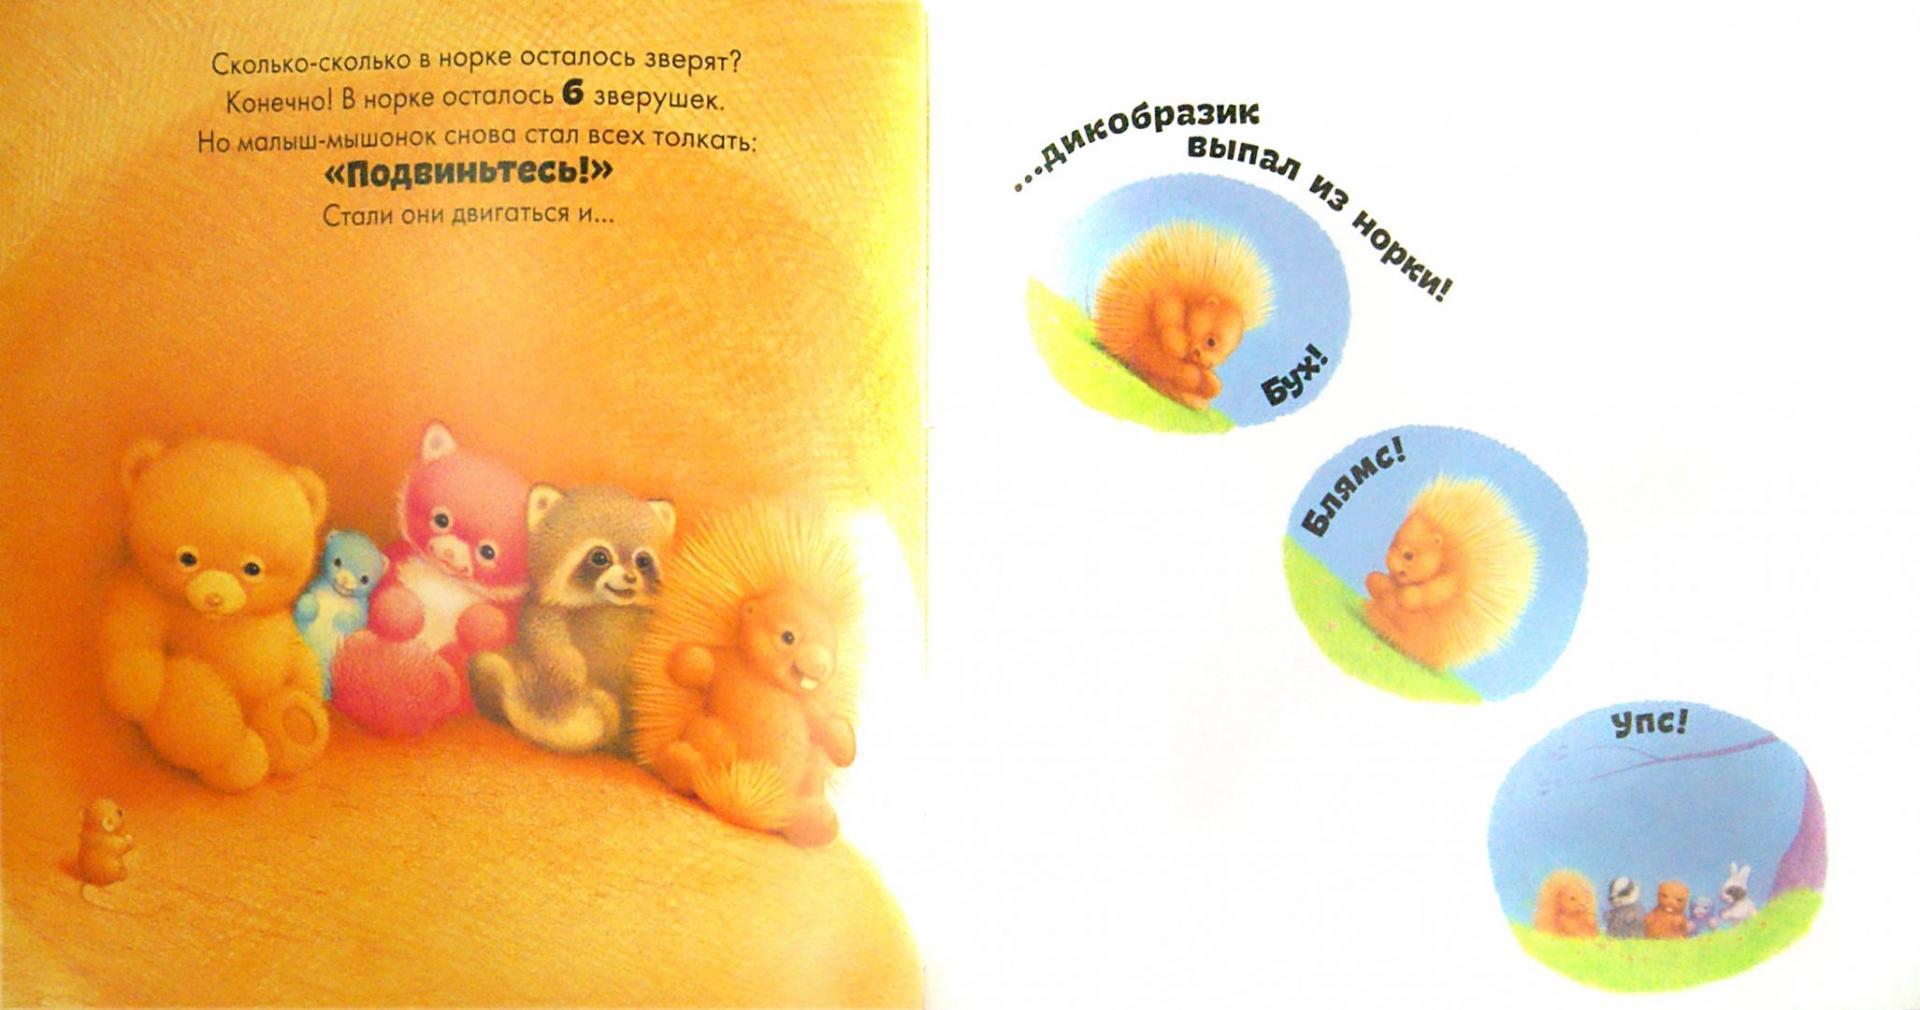 Иллюстрация 1 из 20 для Неугомонный мышонок - Джон Батлер   Лабиринт - книги. Источник: Лабиринт